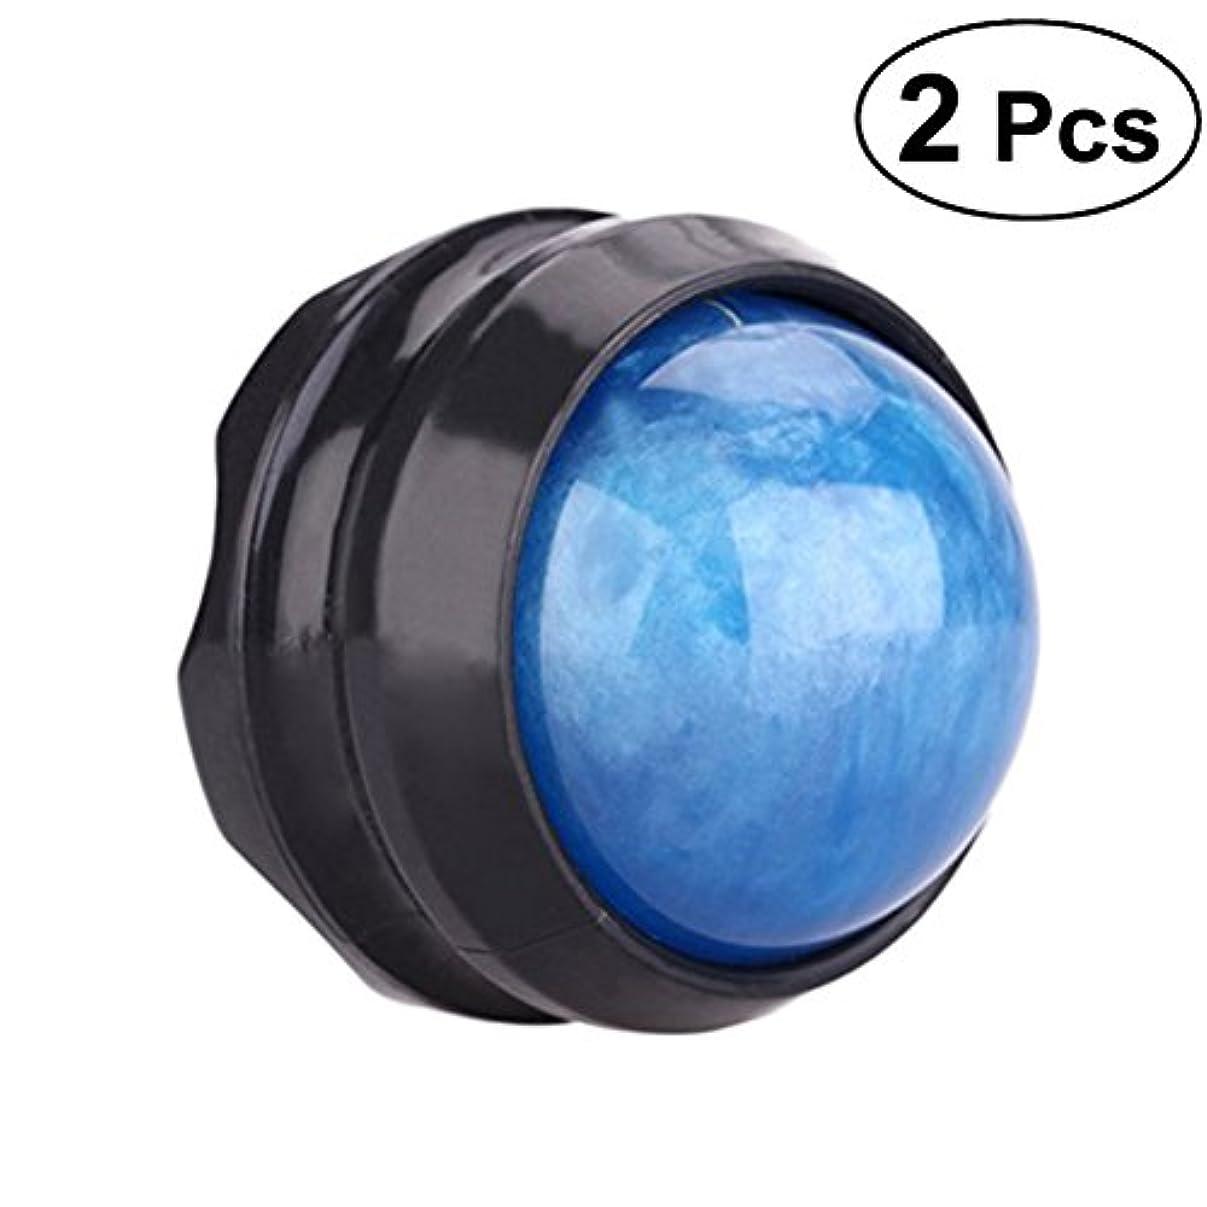 ペレット助手暖かさHealifty マッサージ ボール リラックスボール ローラー  足 ほぐし 健康器具 血行促進 頭痛 浮腫み解消 疲労回復 360度回転 2個入(青)